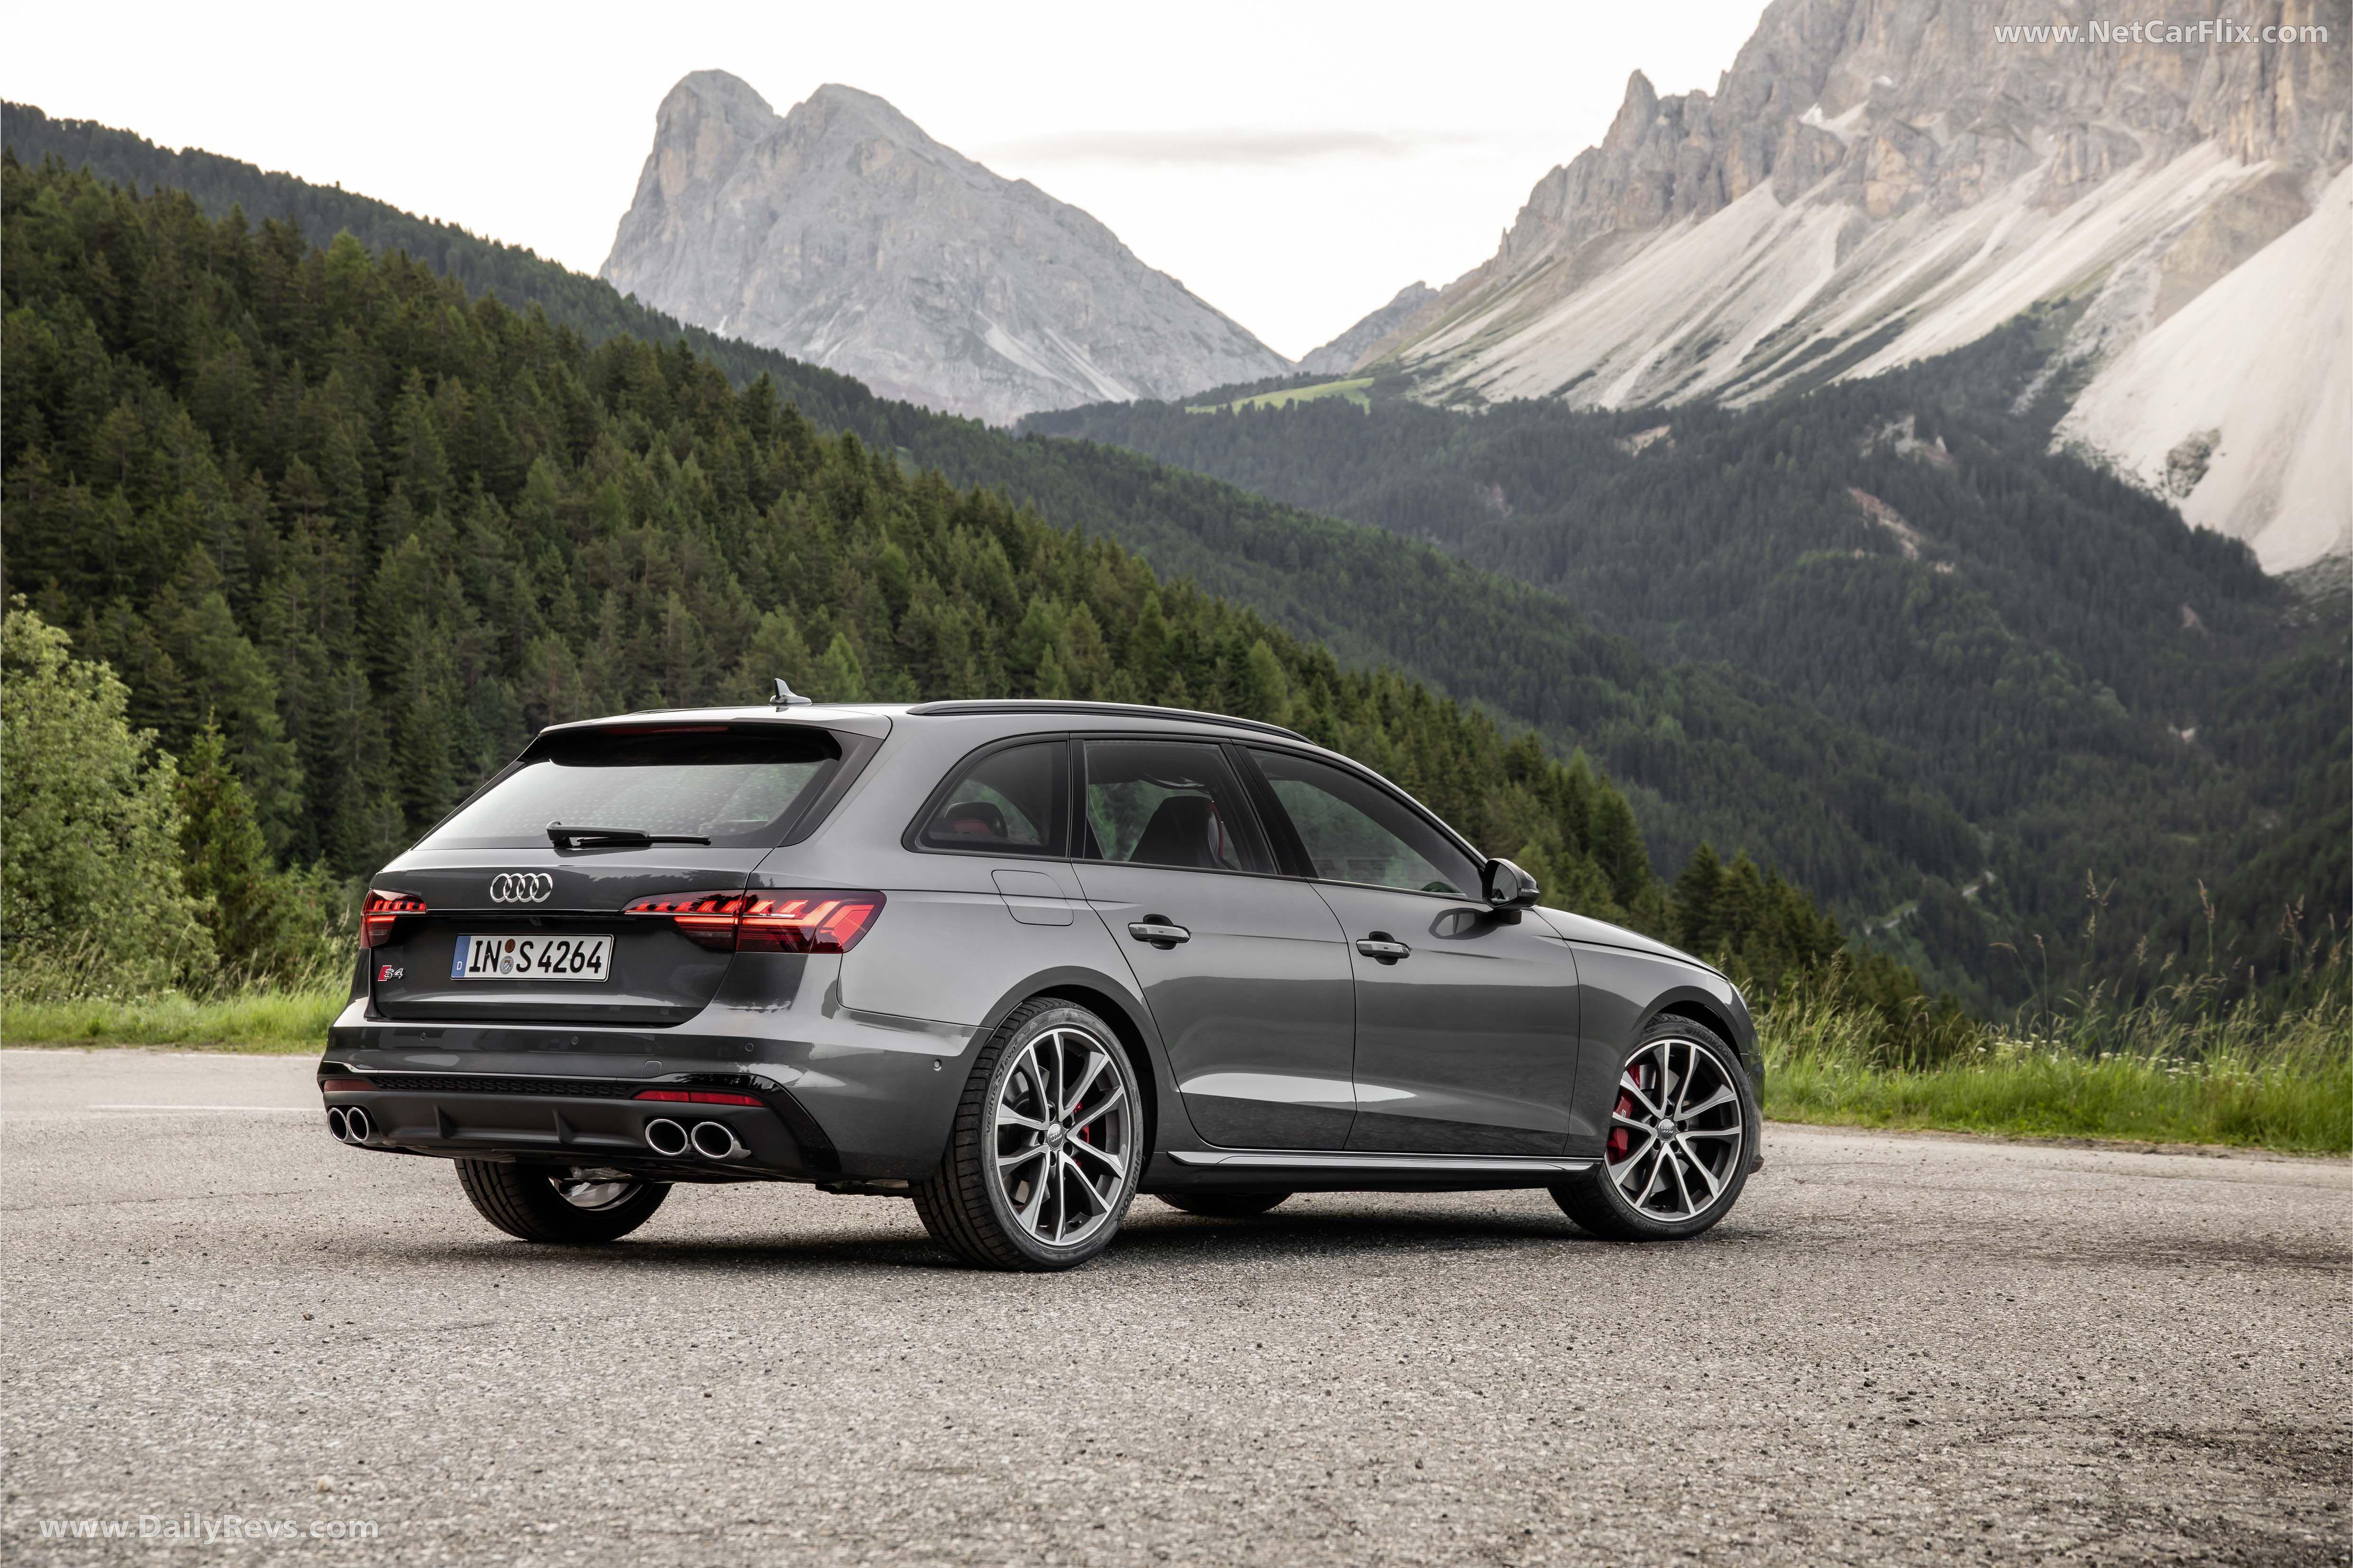 2020 Audi S4 Avant Tdi Dailyrevs Audi S4 Tdi Audi